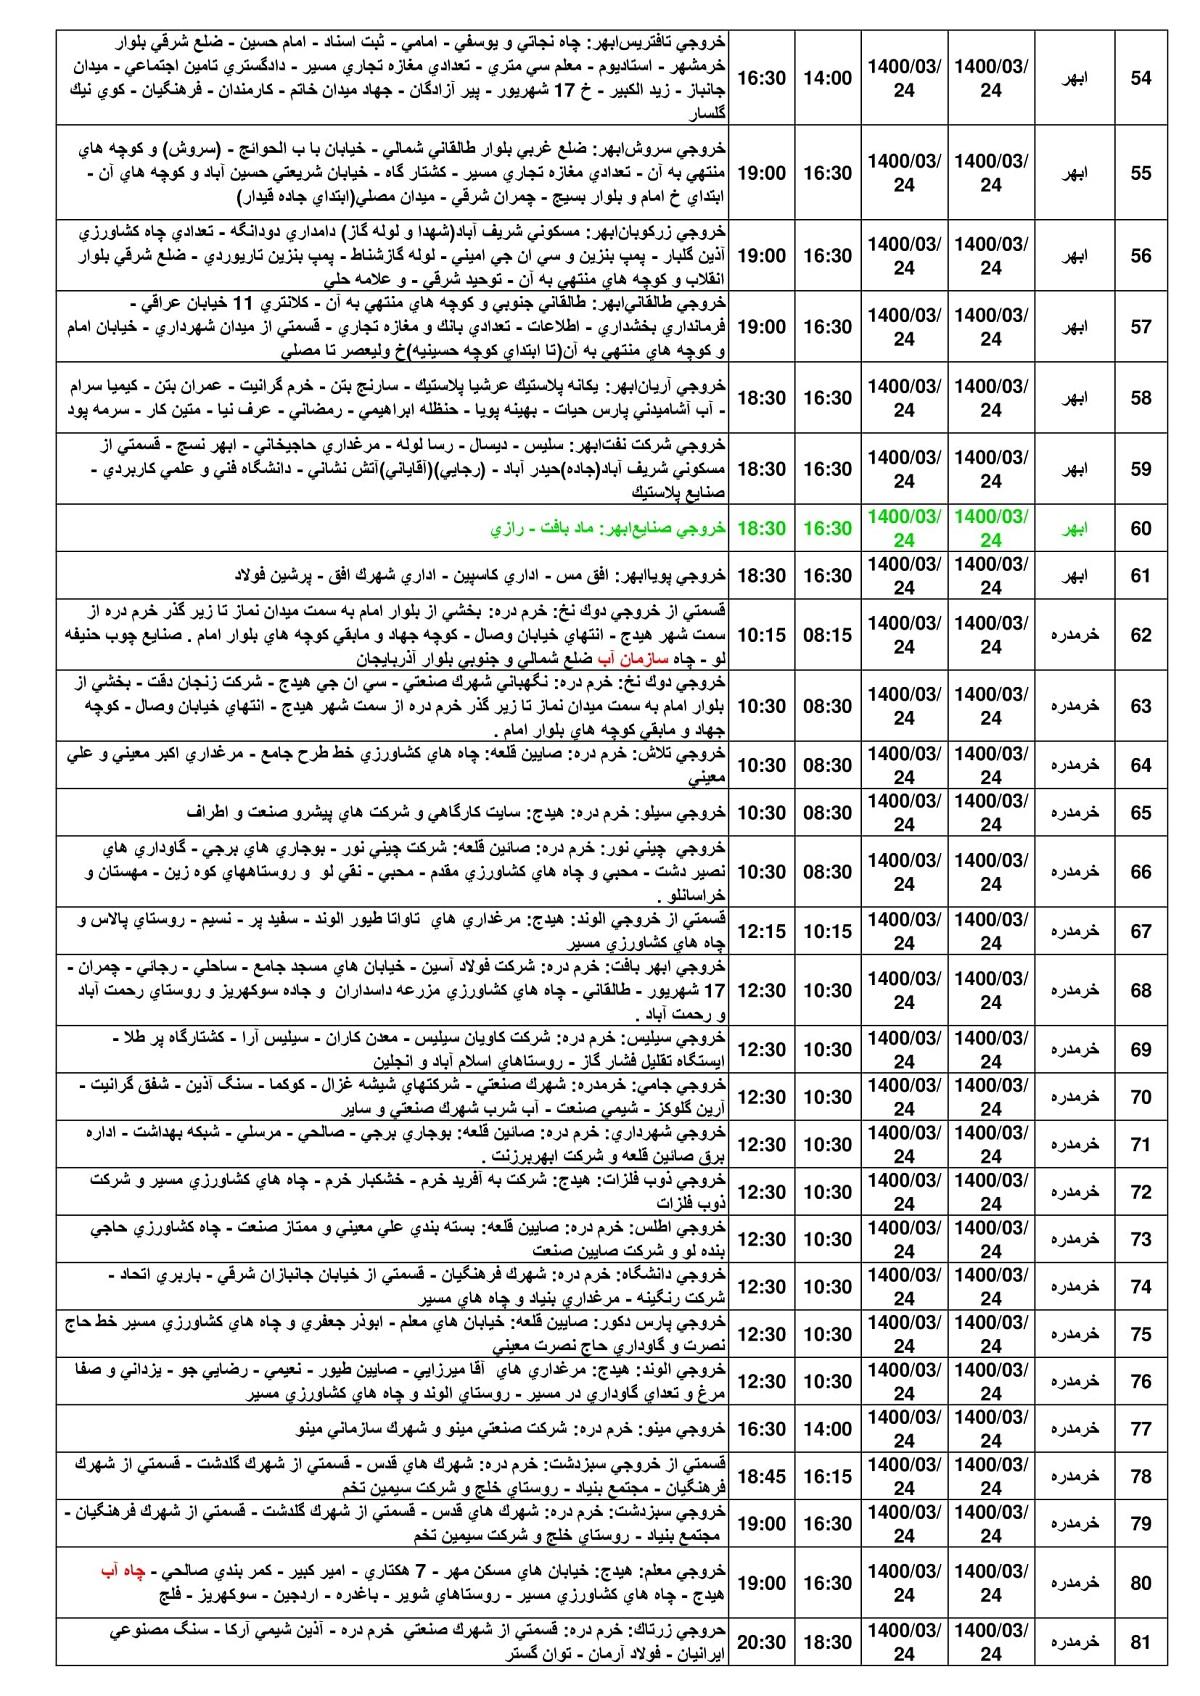 جدول قطعی برق امروز 24 خرداد 1400 زنجان